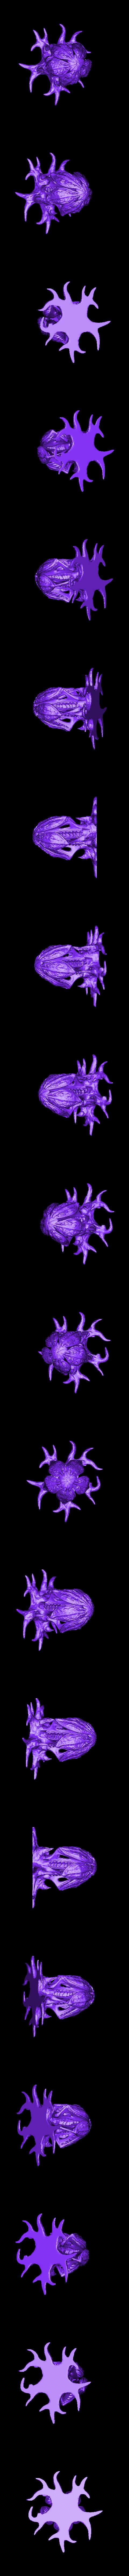 """WastelandPlant01_LOW.stl Télécharger fichier STL gratuit Installation de table : """"Arbre des Spores du désert"""" (Végétation exotique 12) • Plan pour impression 3D, GrimGreeble"""